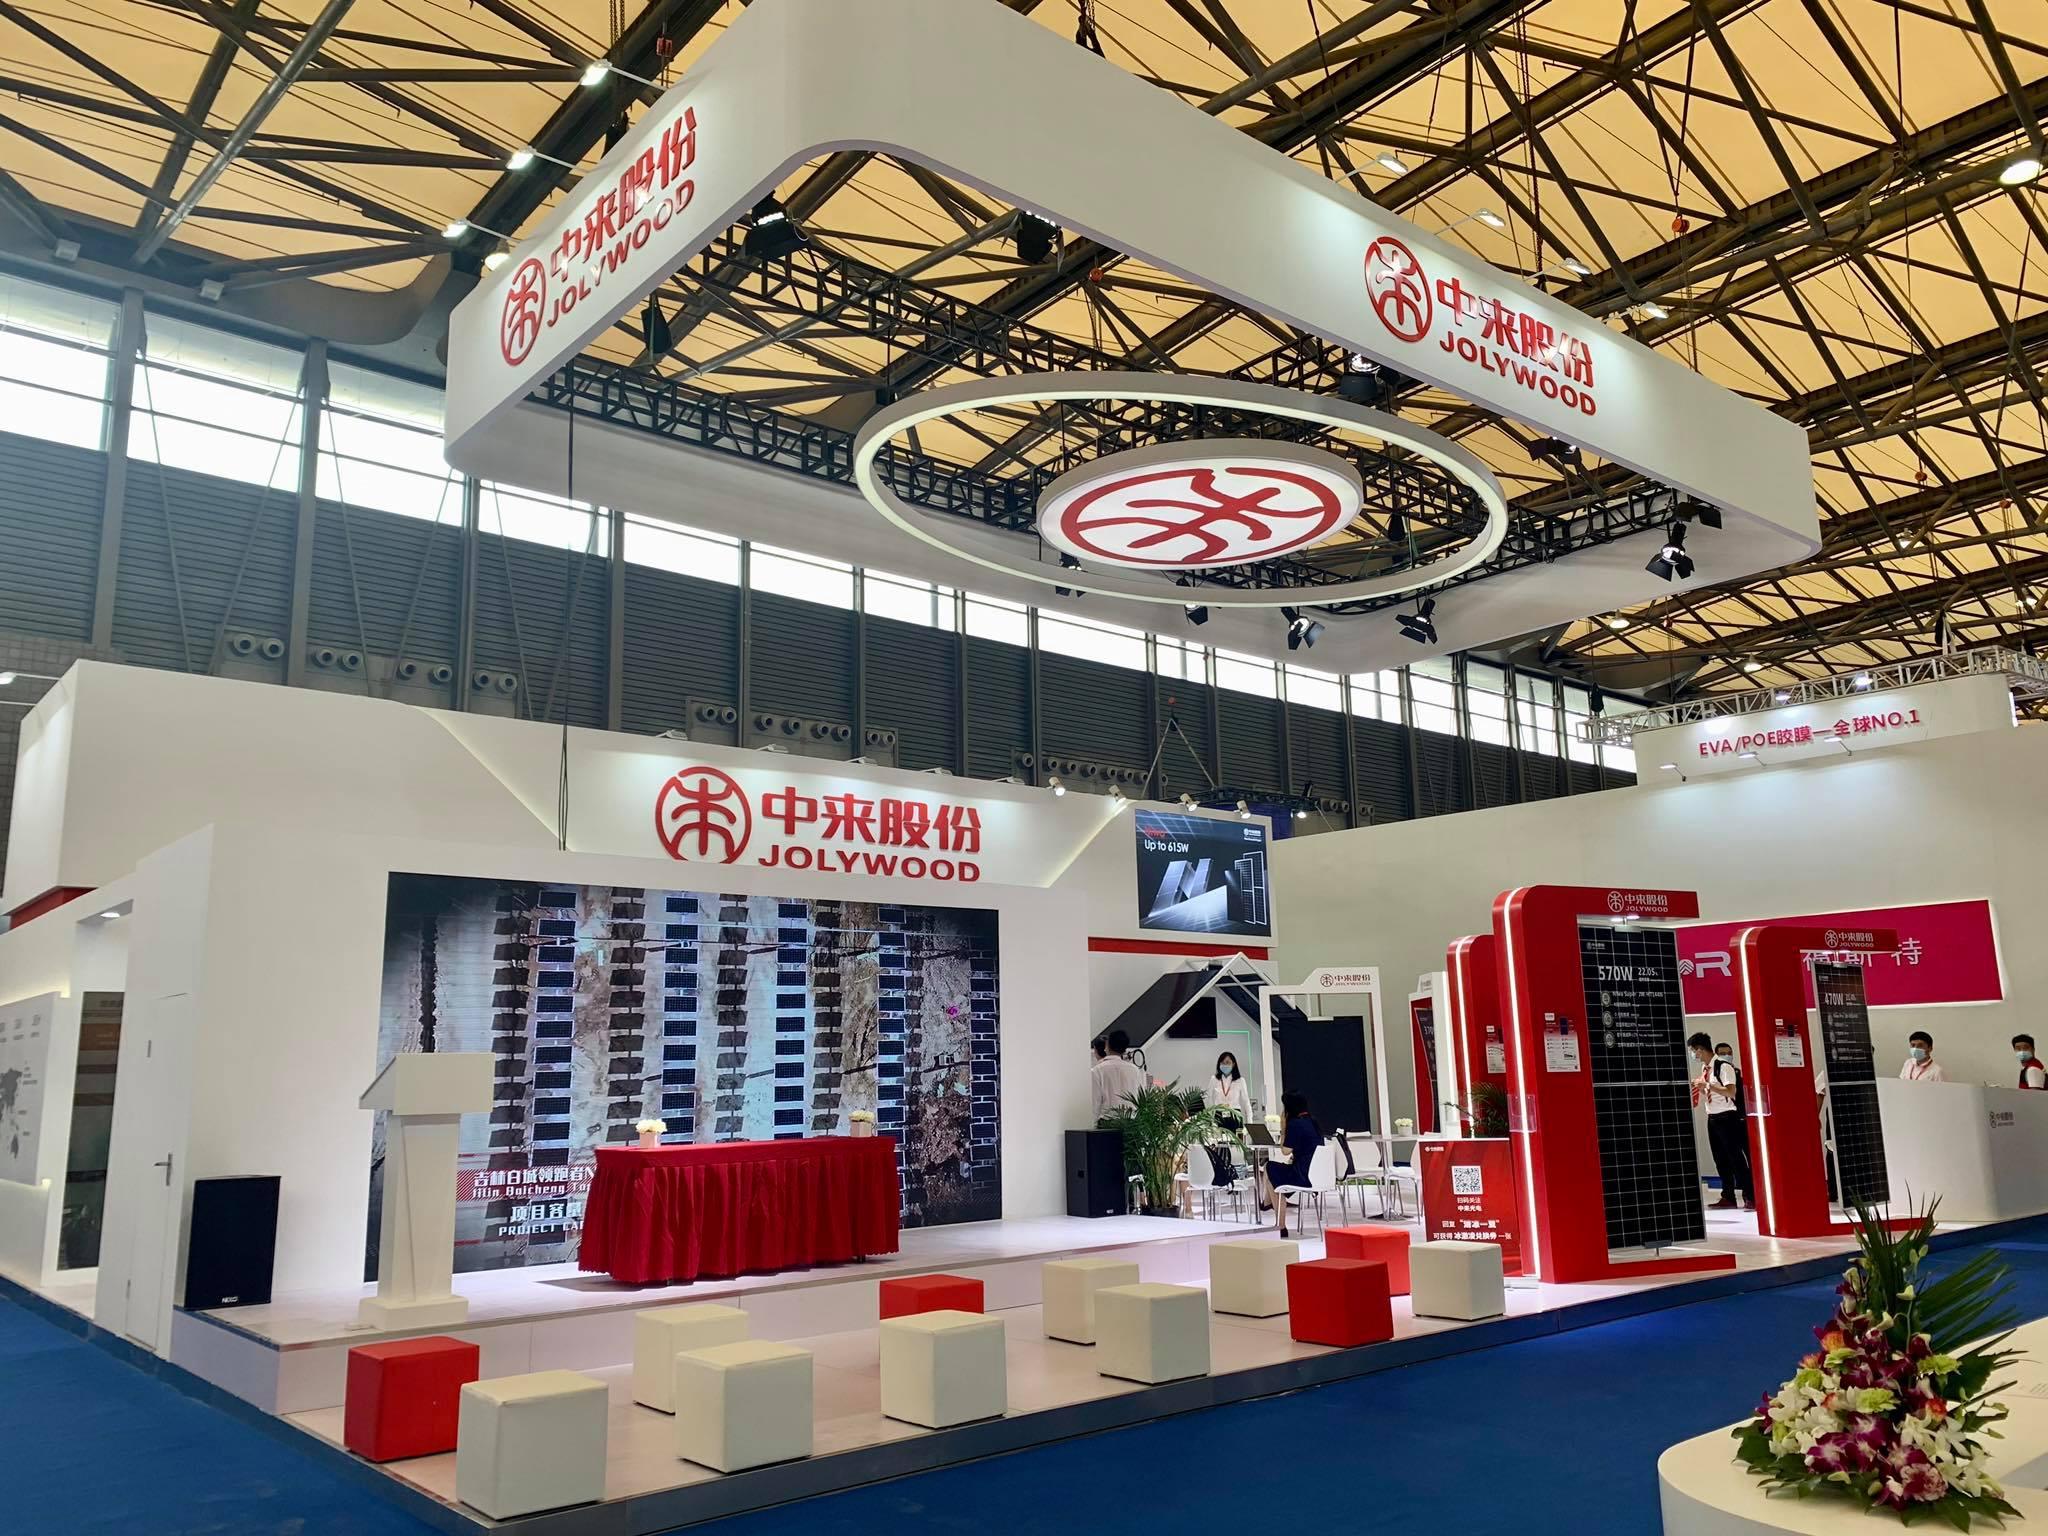 Jolywood SNEC EXPO 2020